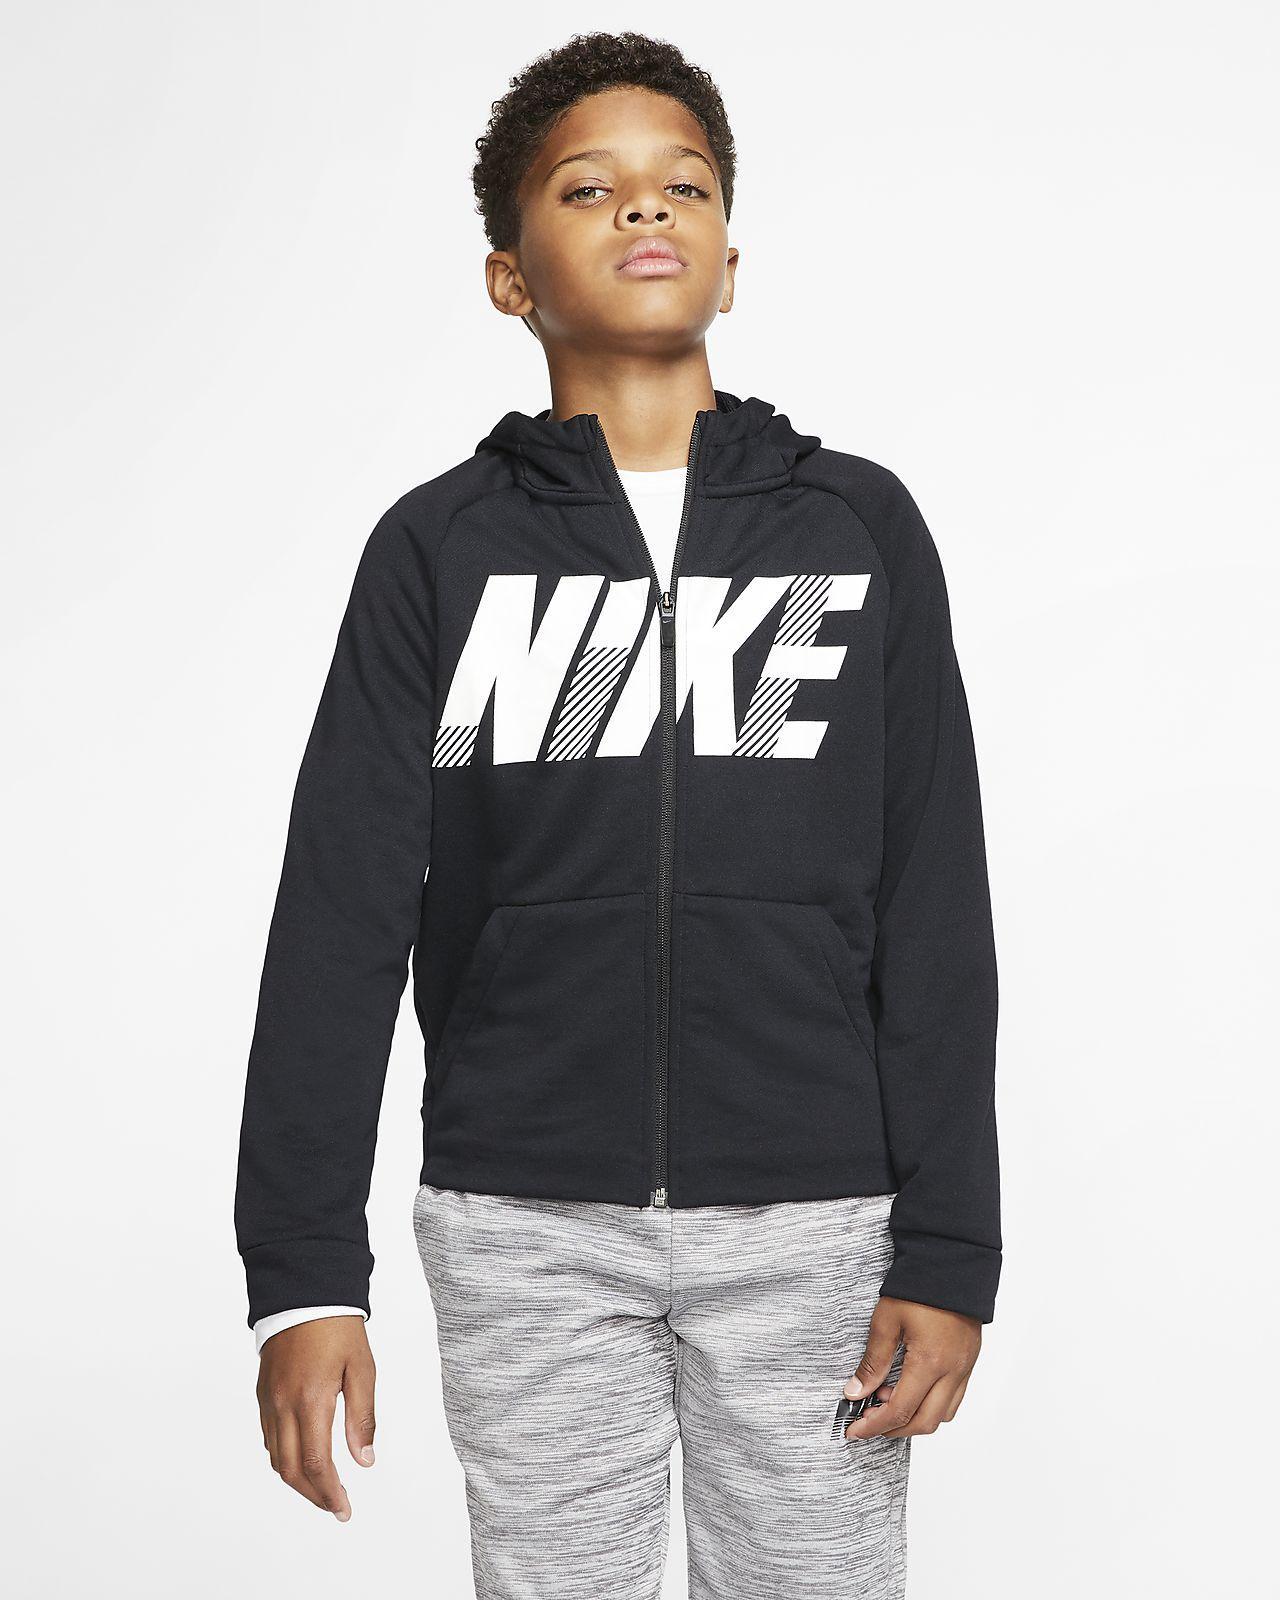 Nike Dri-FIT Dessuadora amb caputxa i cremallera completa estampada d'entrenament - Nen/a